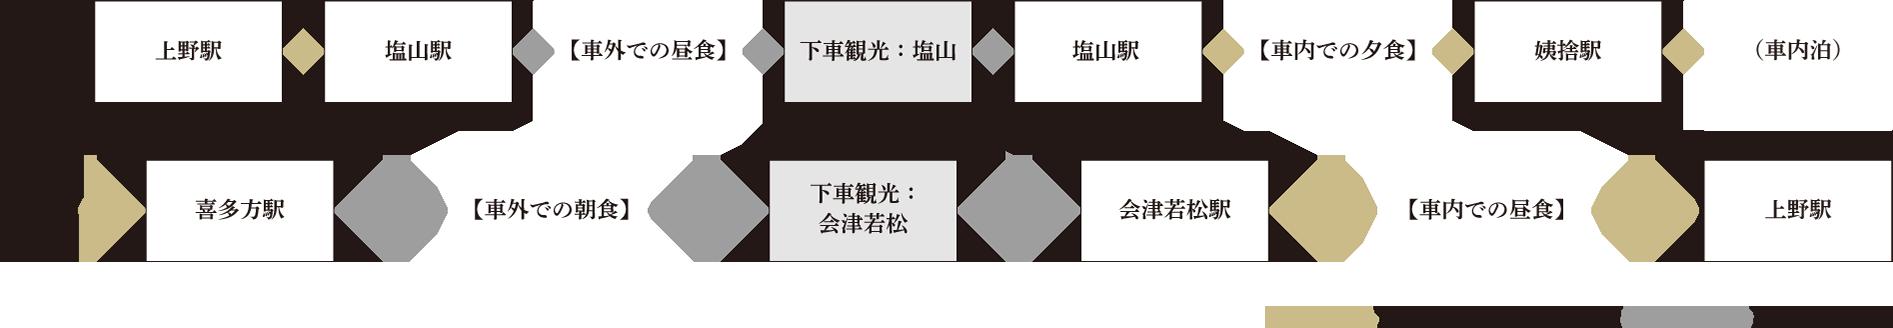 1泊2日コース/春〜秋のご紹介 旅の行程のご紹介   TRAIN SUITE 四季島 ...